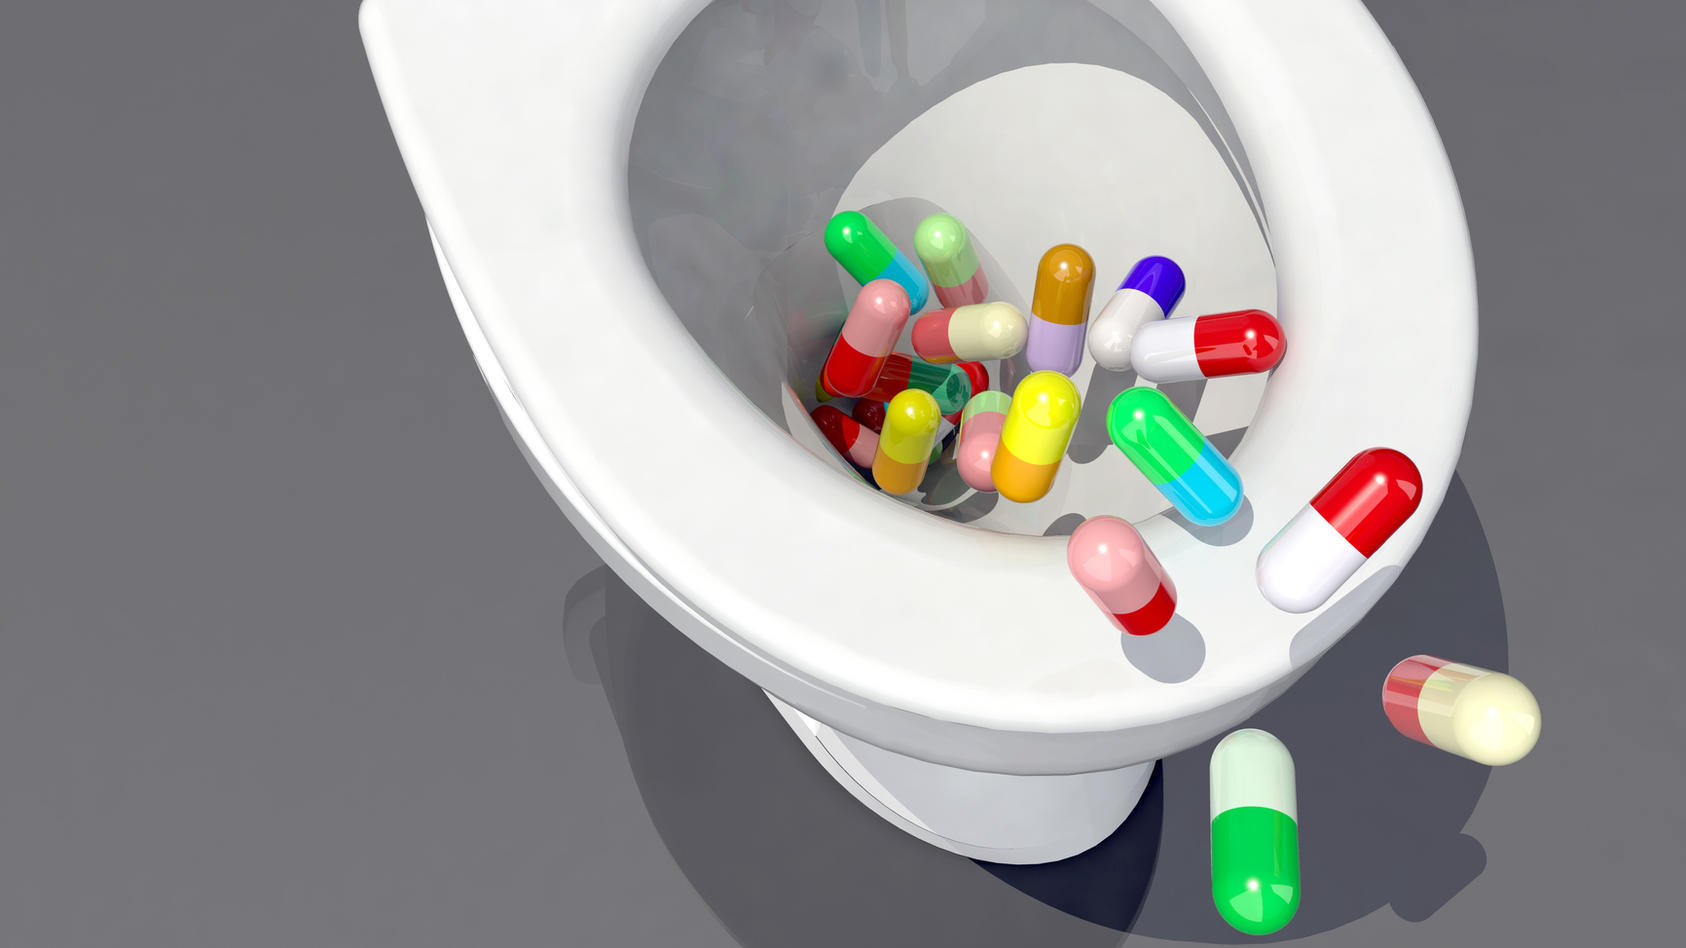 Jeder vierte Deutsche hat flüssige Medikamente schon mal über die Toilette oder das Waschbecken entsorgt.